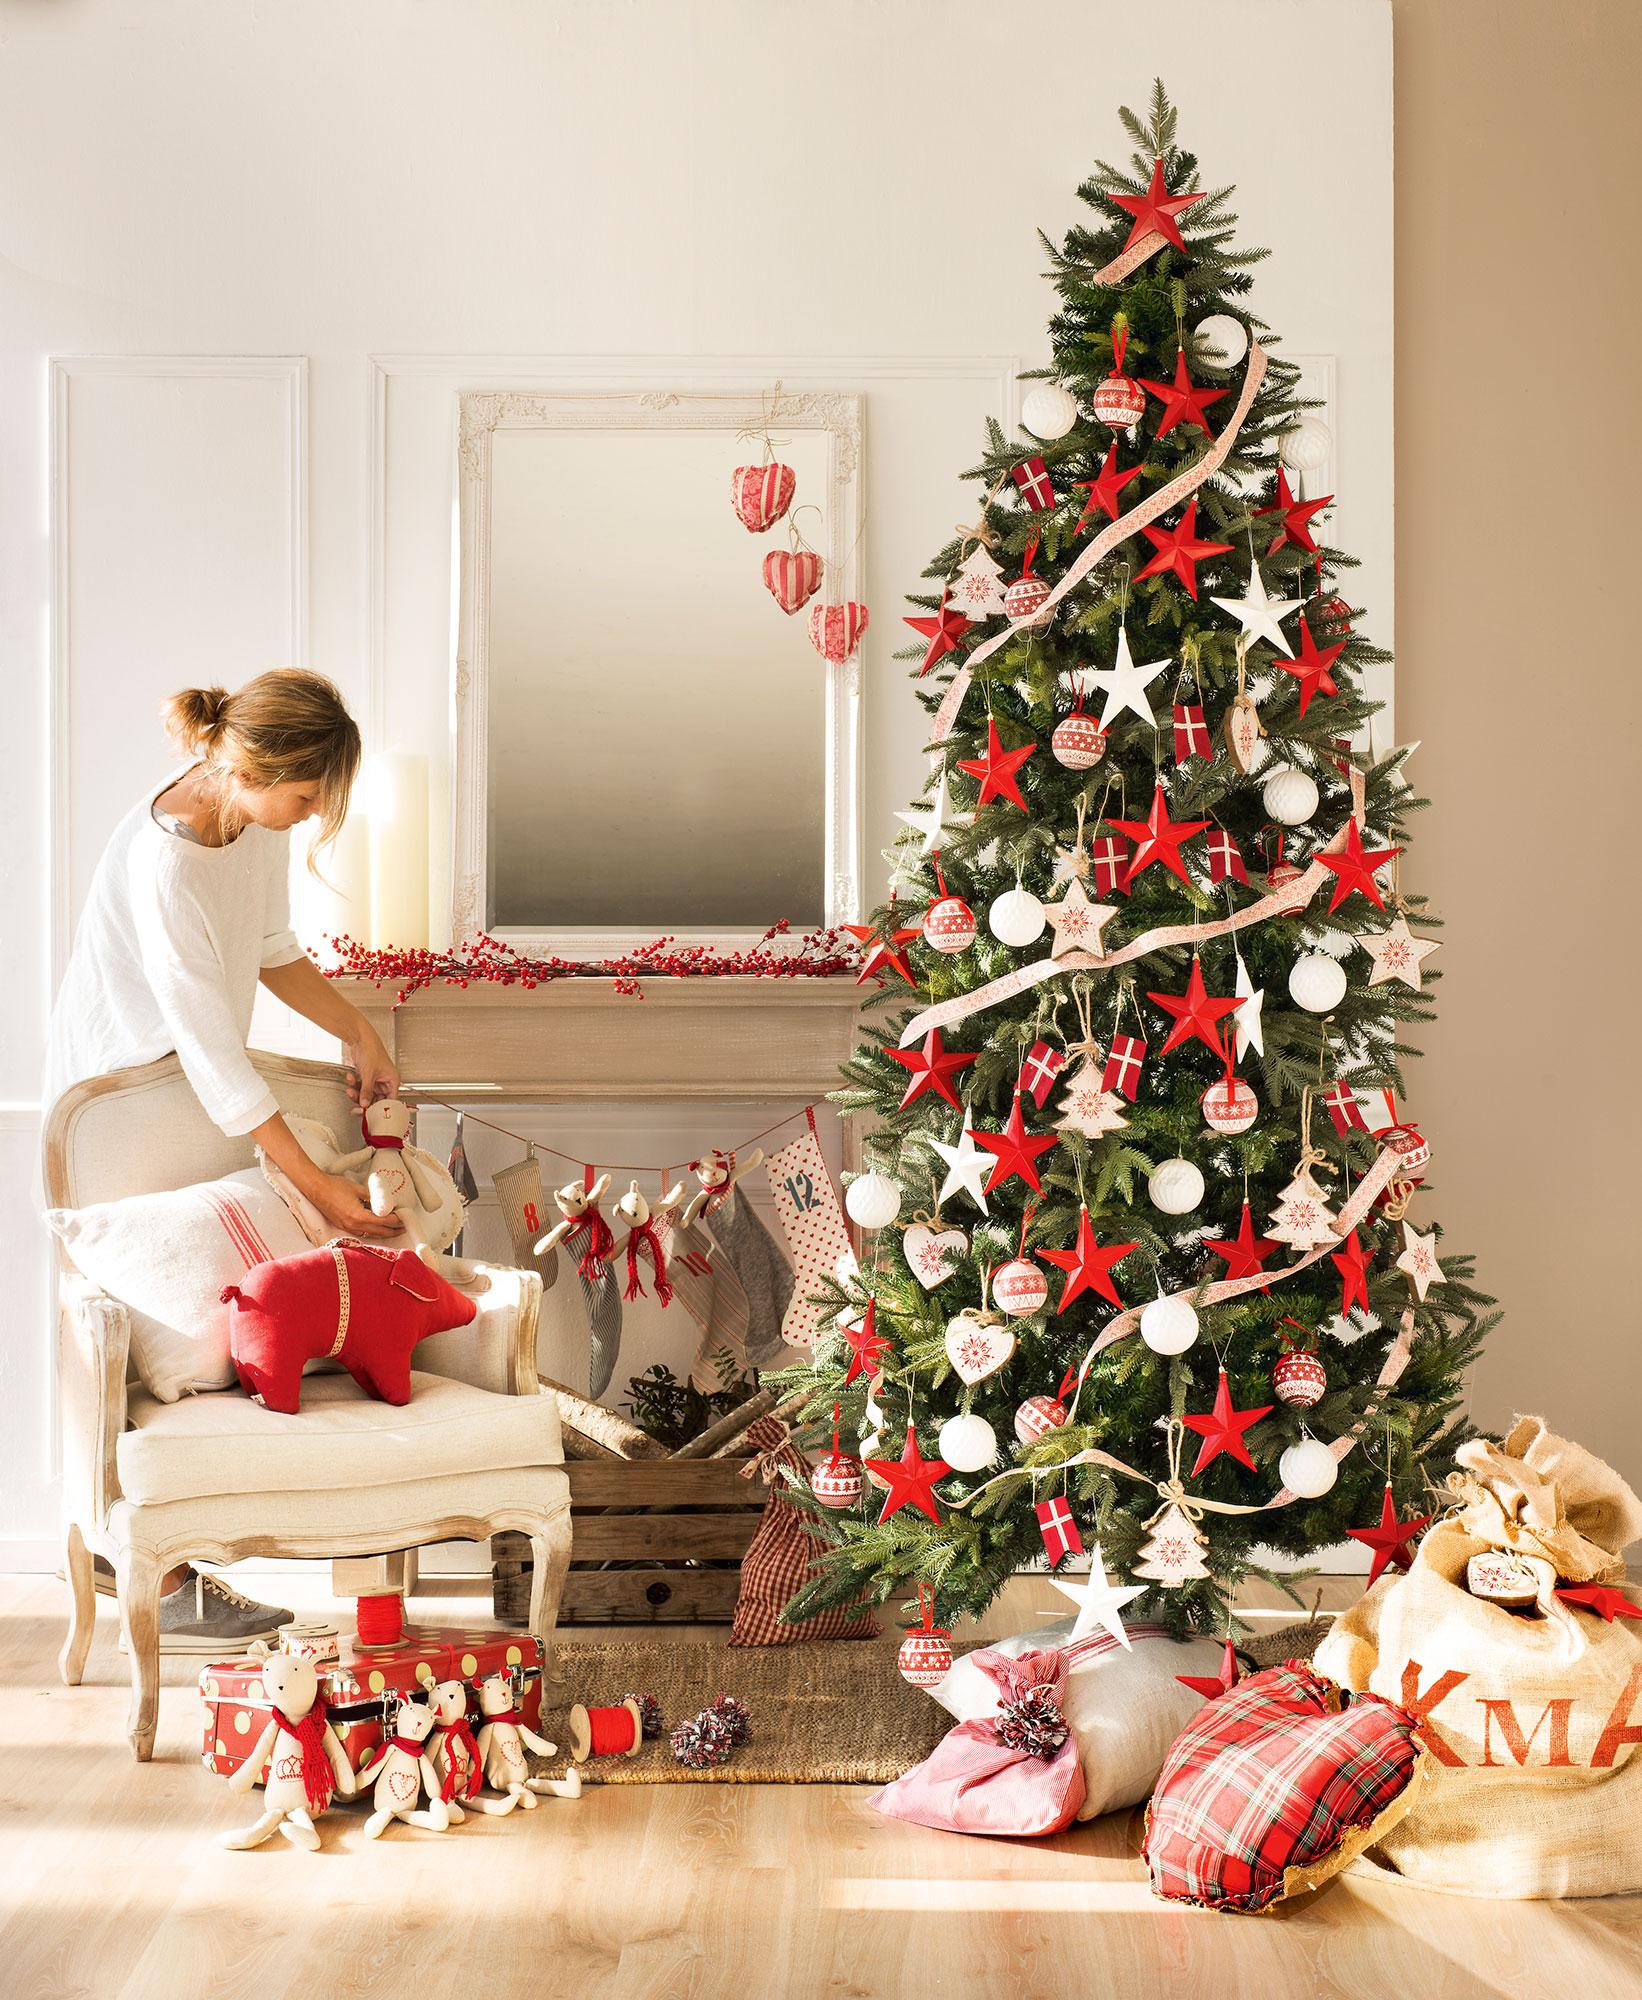 Como Decorar Mi Arbol De Navidad 2018.Ideas Para Decorar El Arbol De Navidad 3 Arboles 3 Estilos